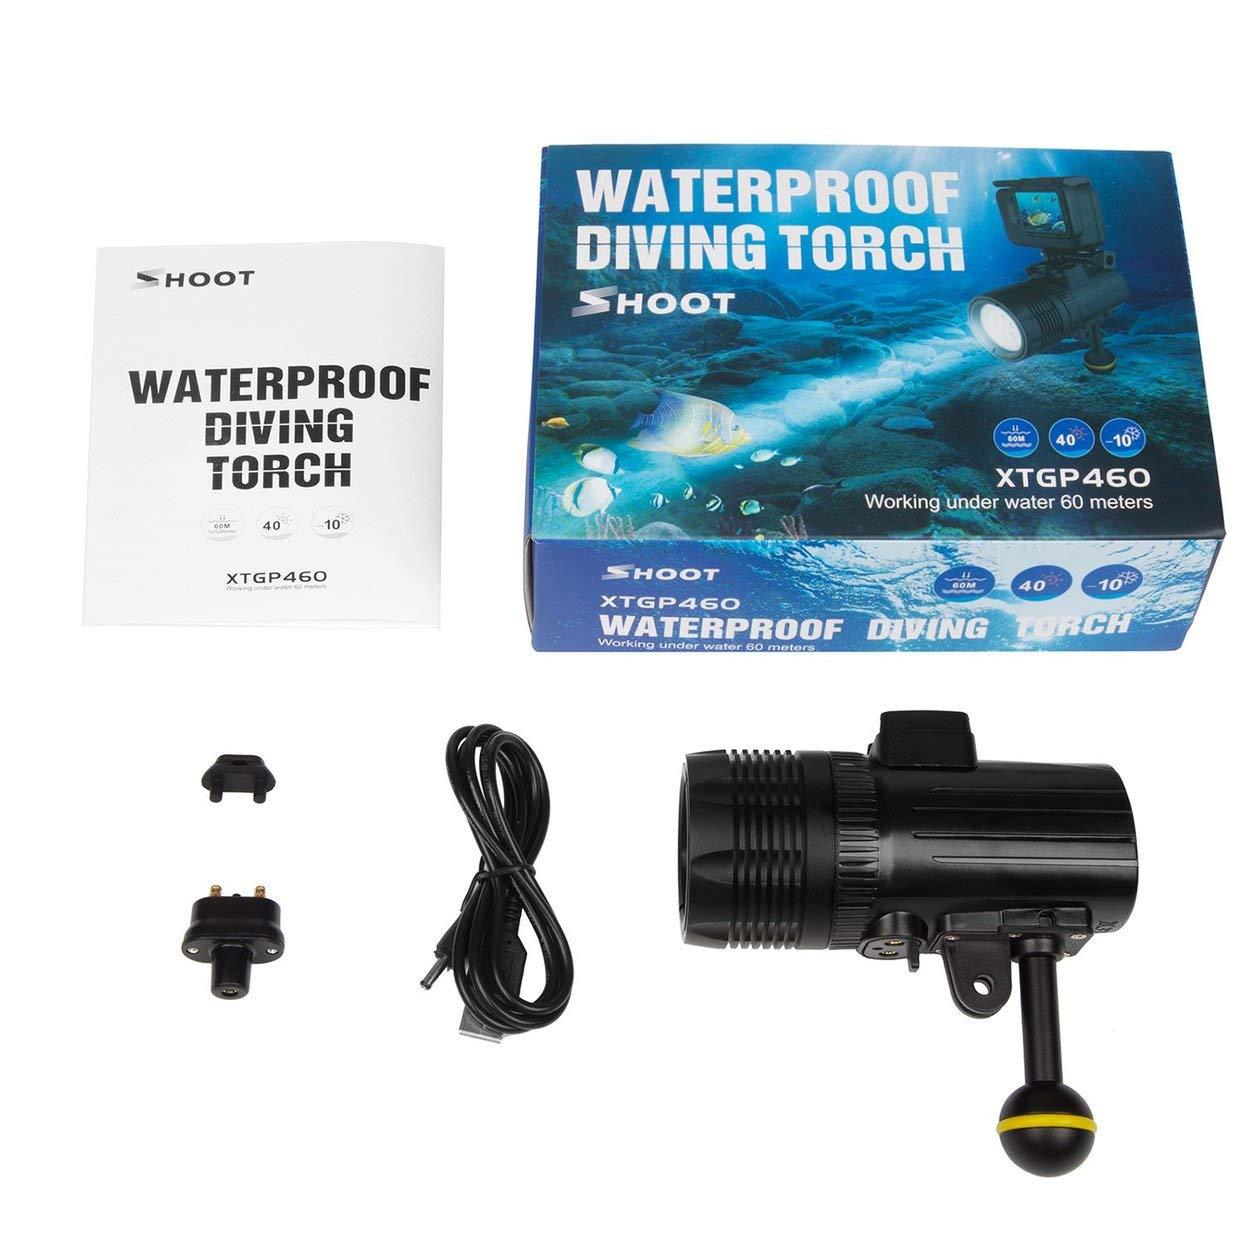 SHOOT Tauchen LED Taschenlampe Unterwasser 60m wasserdichte Fotografie Videolicht Taktische LED Taschenlampe 1500 Lumen LED Taktische Taschenlampe d81711